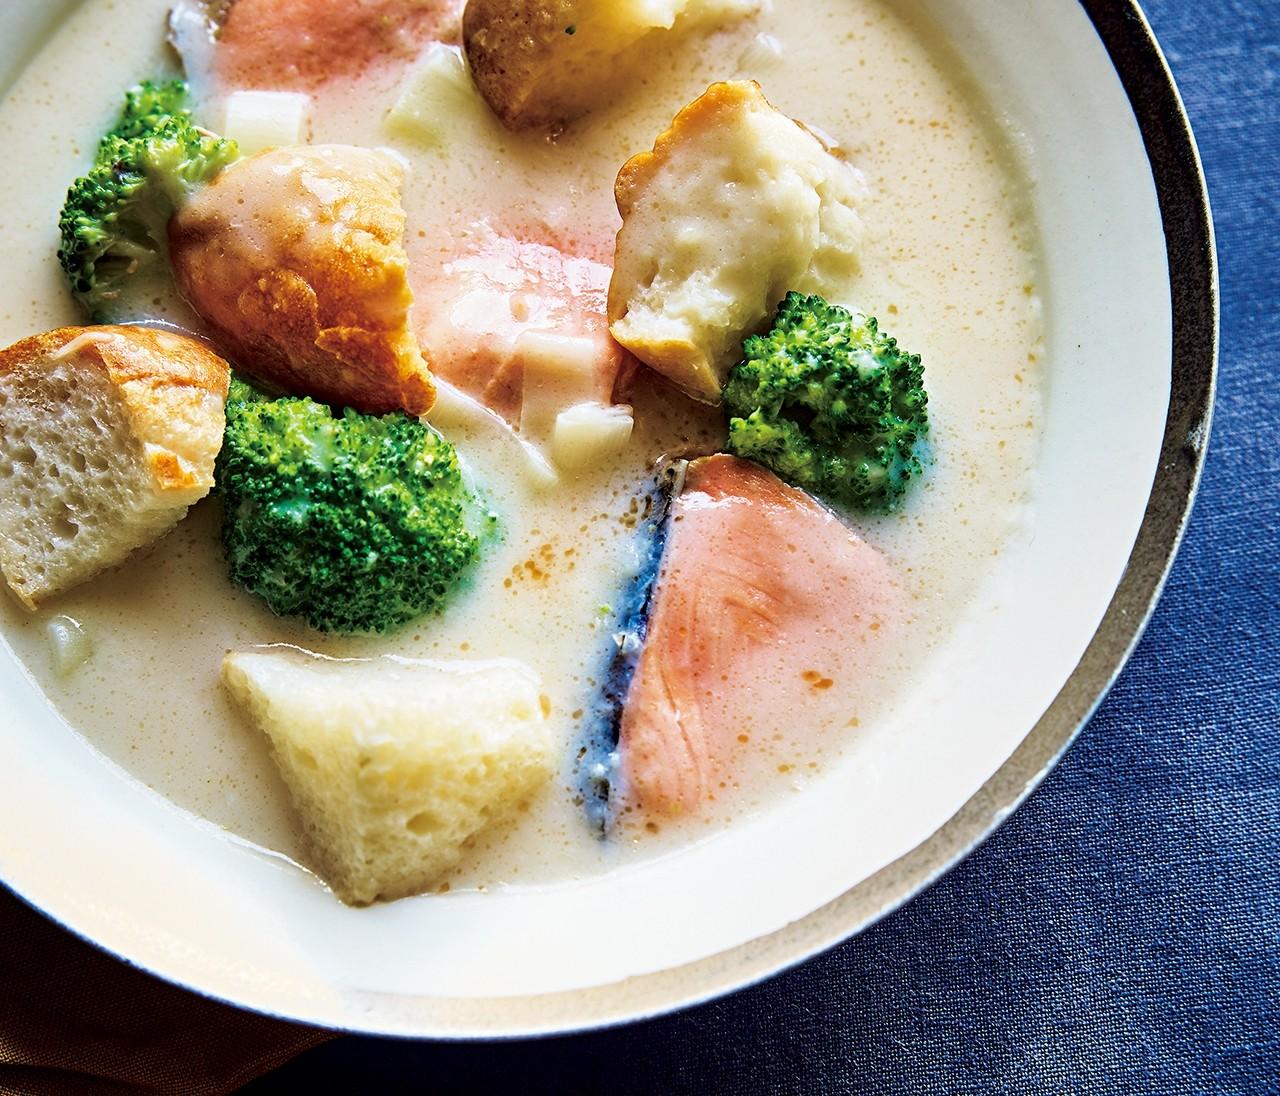 【スープ作家・有賀 薫さんの簡単レシピまとめ】おうち時間に栄養と幸せを!